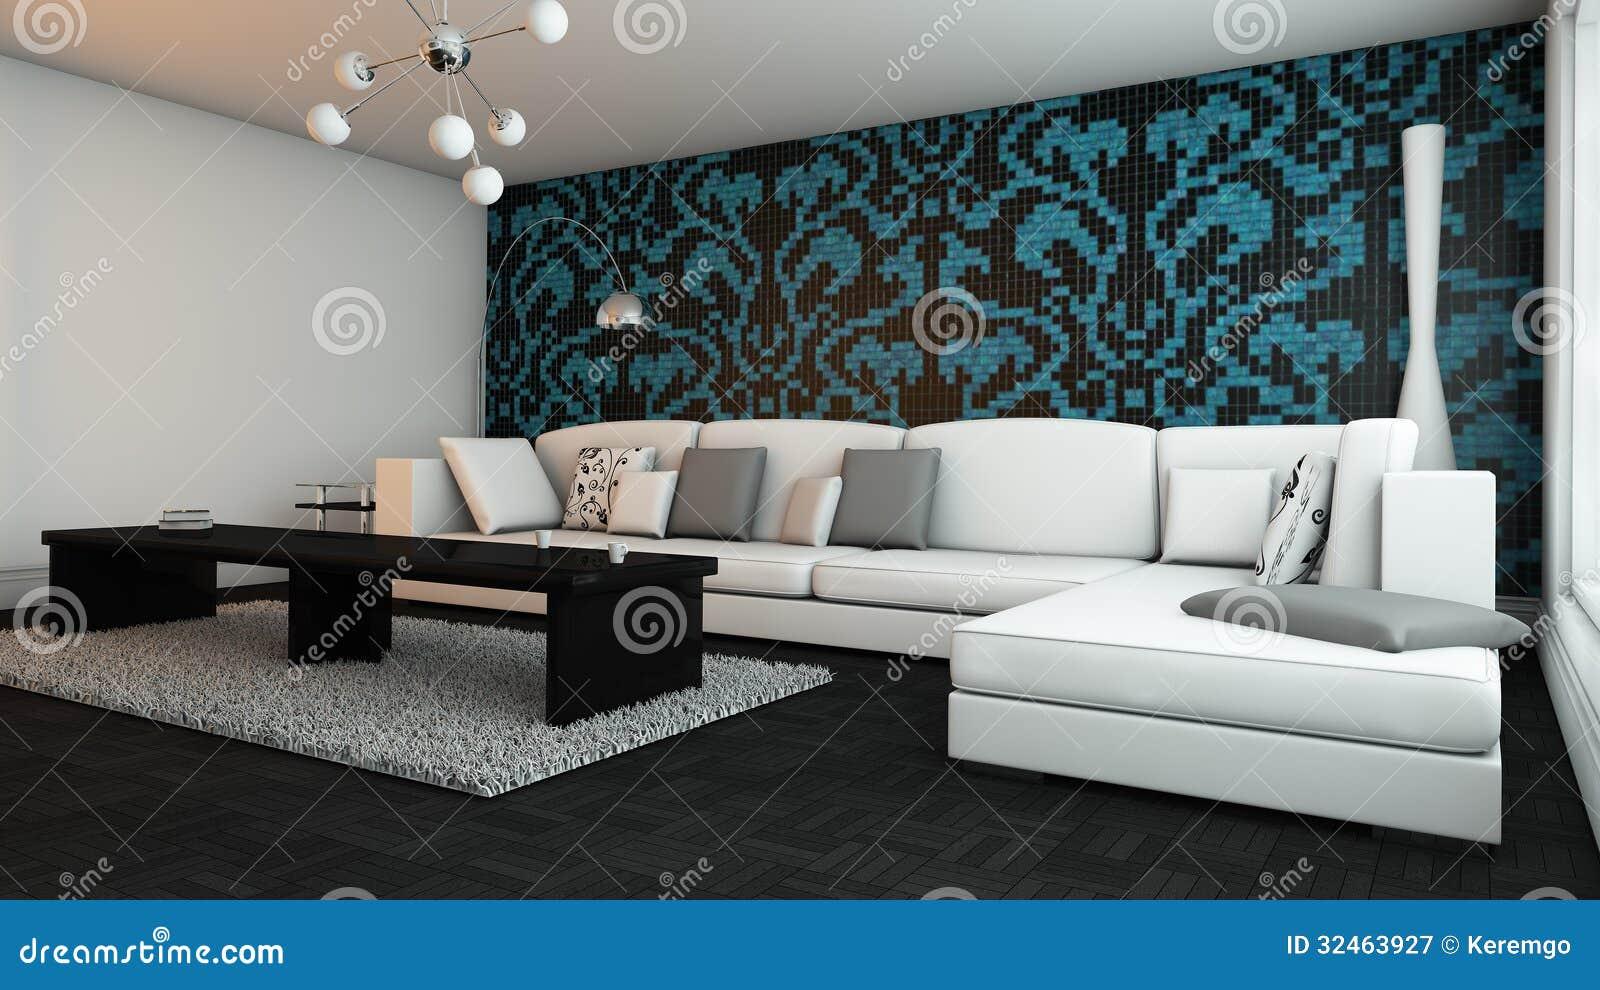 elegantes wohnzimmer lizenzfreie stockfotografie - bild: 32463927, Wohnzimmer dekoo